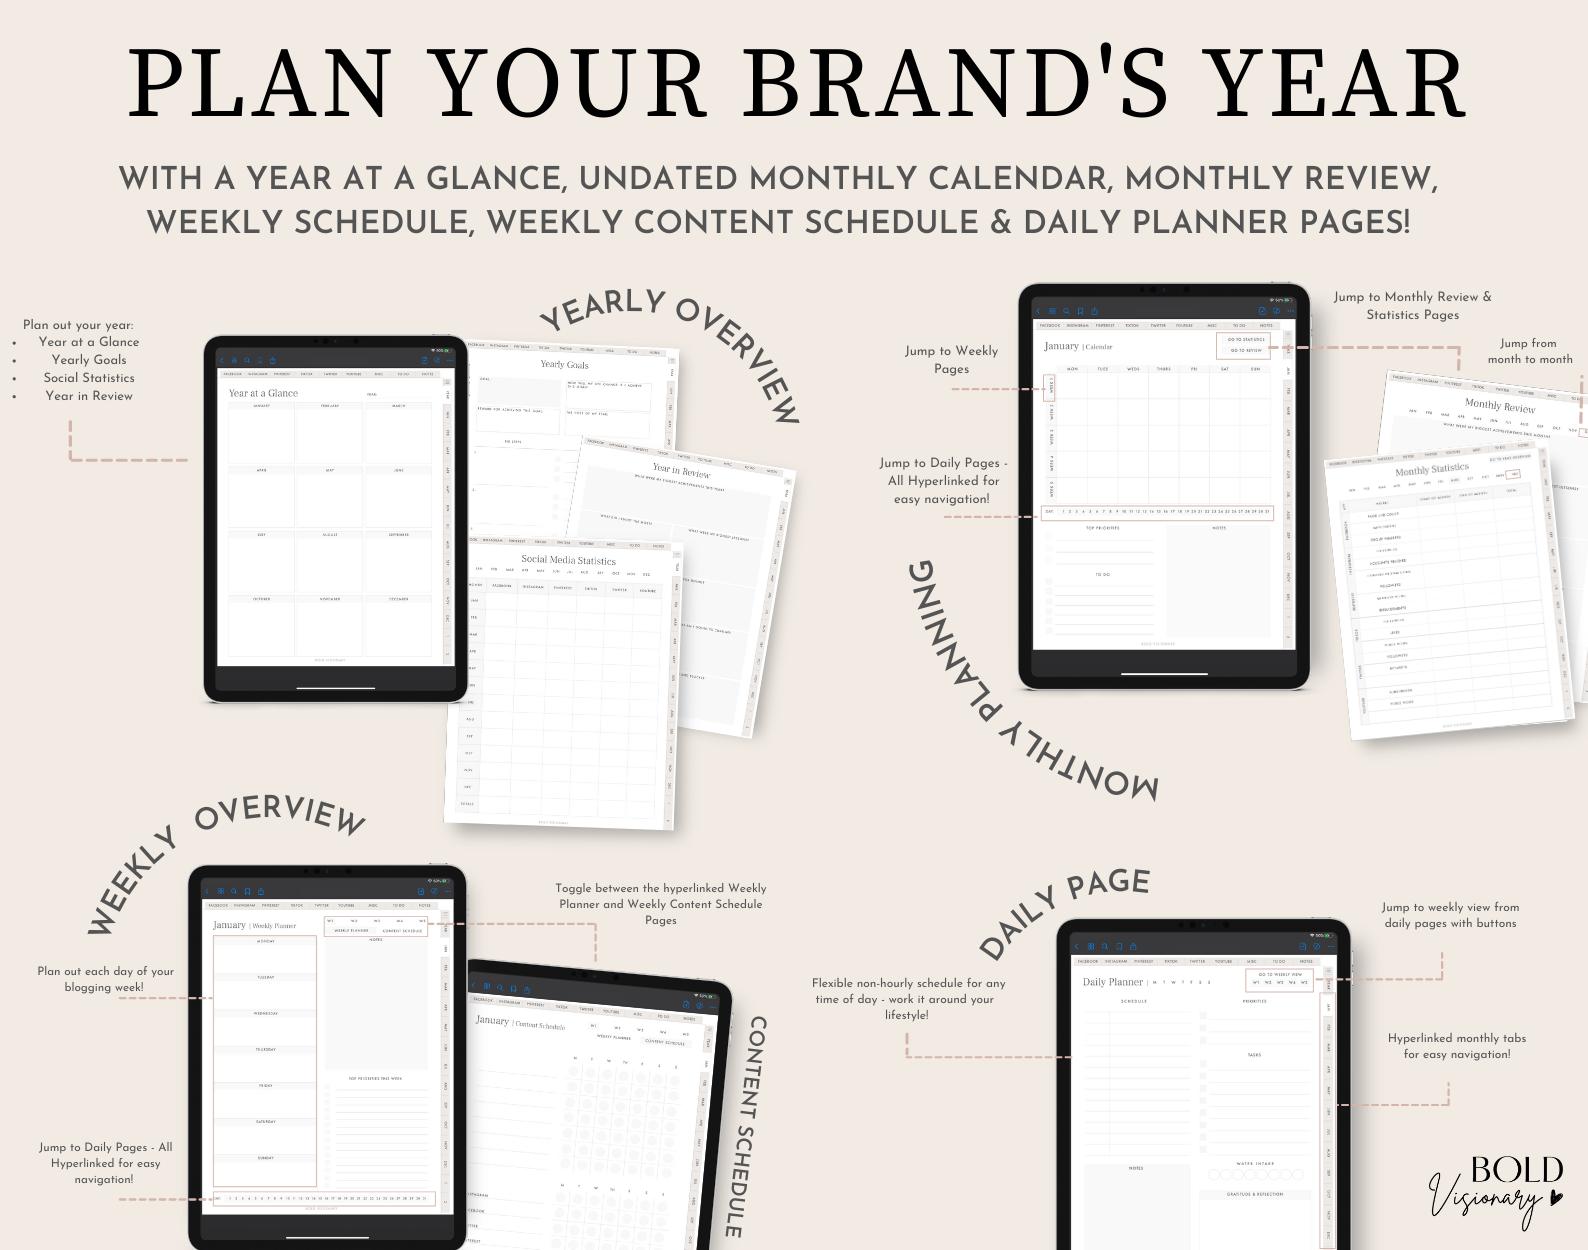 3Year-Bold-Visionary-Digital-Social-Media-Planner